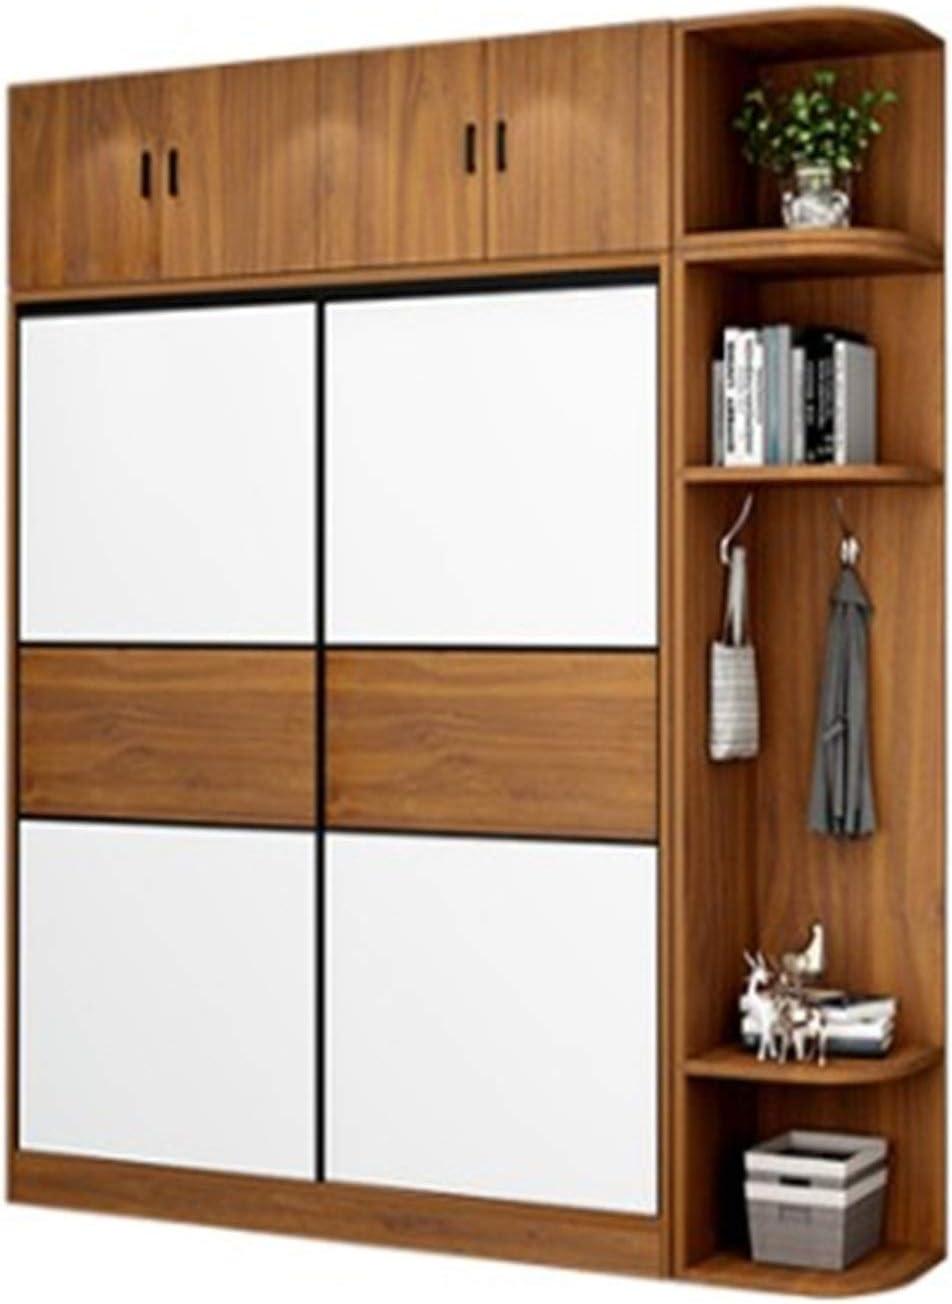 CHENSHJI Armario Hogar Dormitorio Moderno Minimalista Sala de Alquiler con apartamento pequeño gabinete de Puerta corredera Armario de Puerta (Color : Marrón, Size : 200x50x120cm)